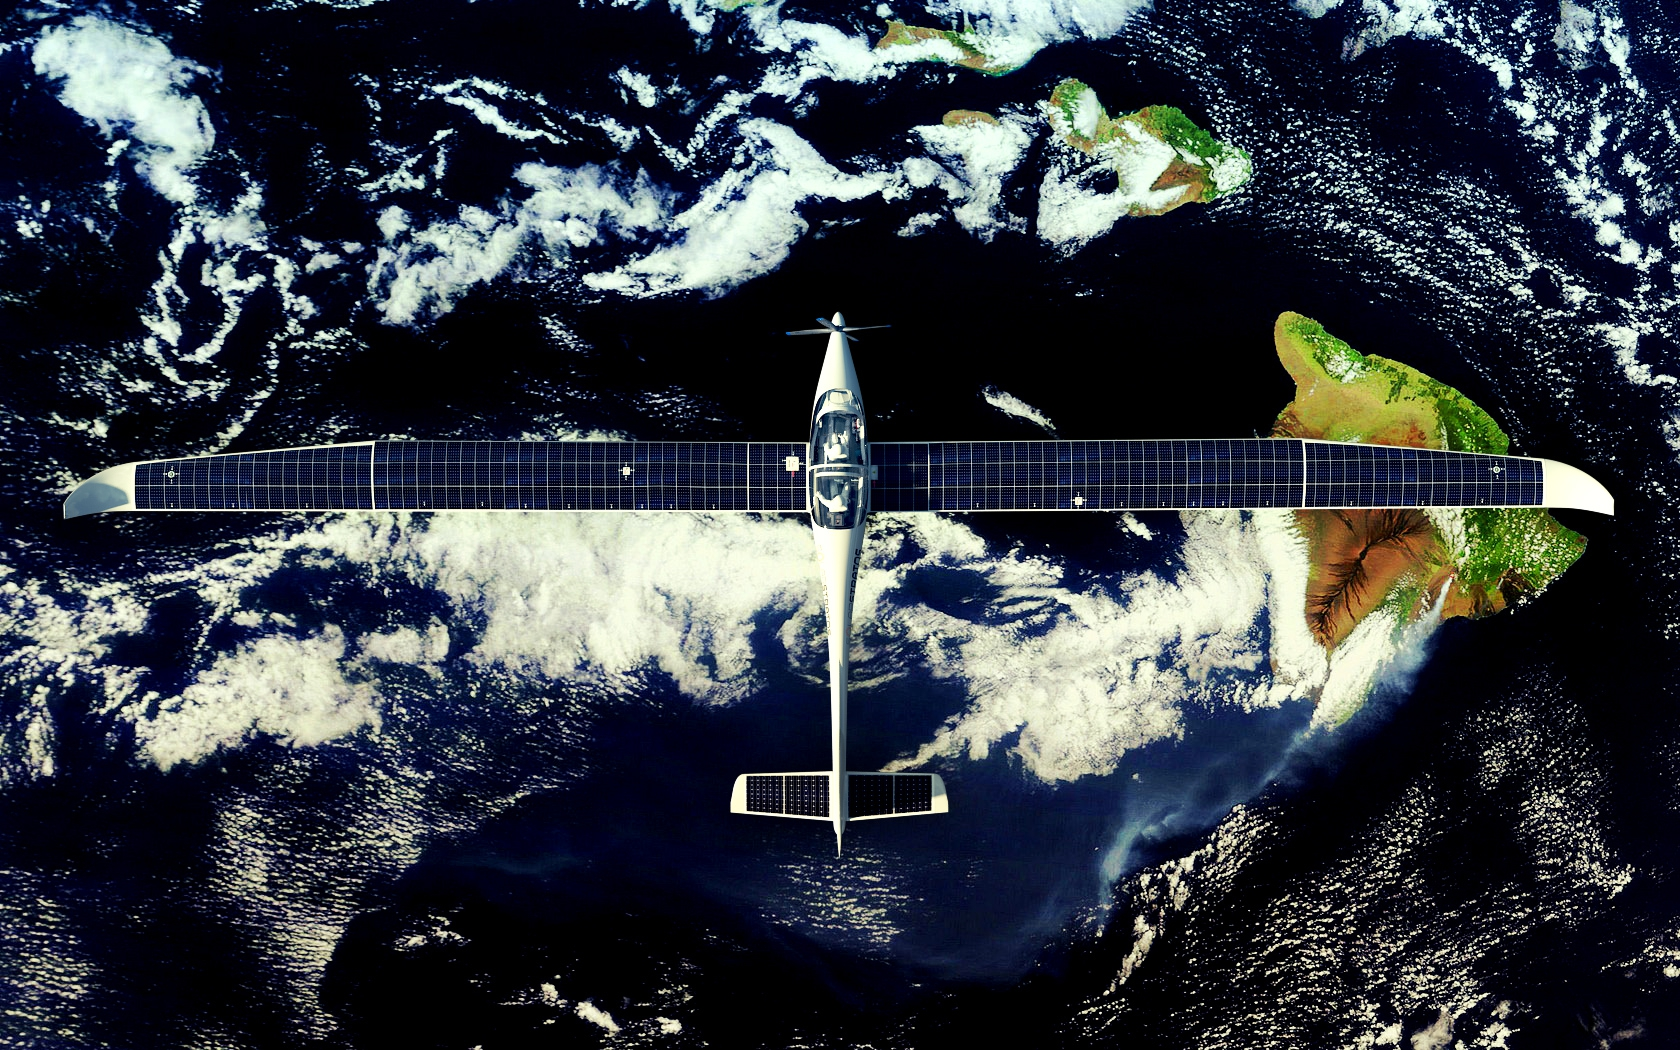 ecoexplroation,aventure,futur,exploration,société des explorateurs français,naj-ihedn,raphaël domjan,éco-aventure,mission solarstraros,slar impulse,solar planète,écologie